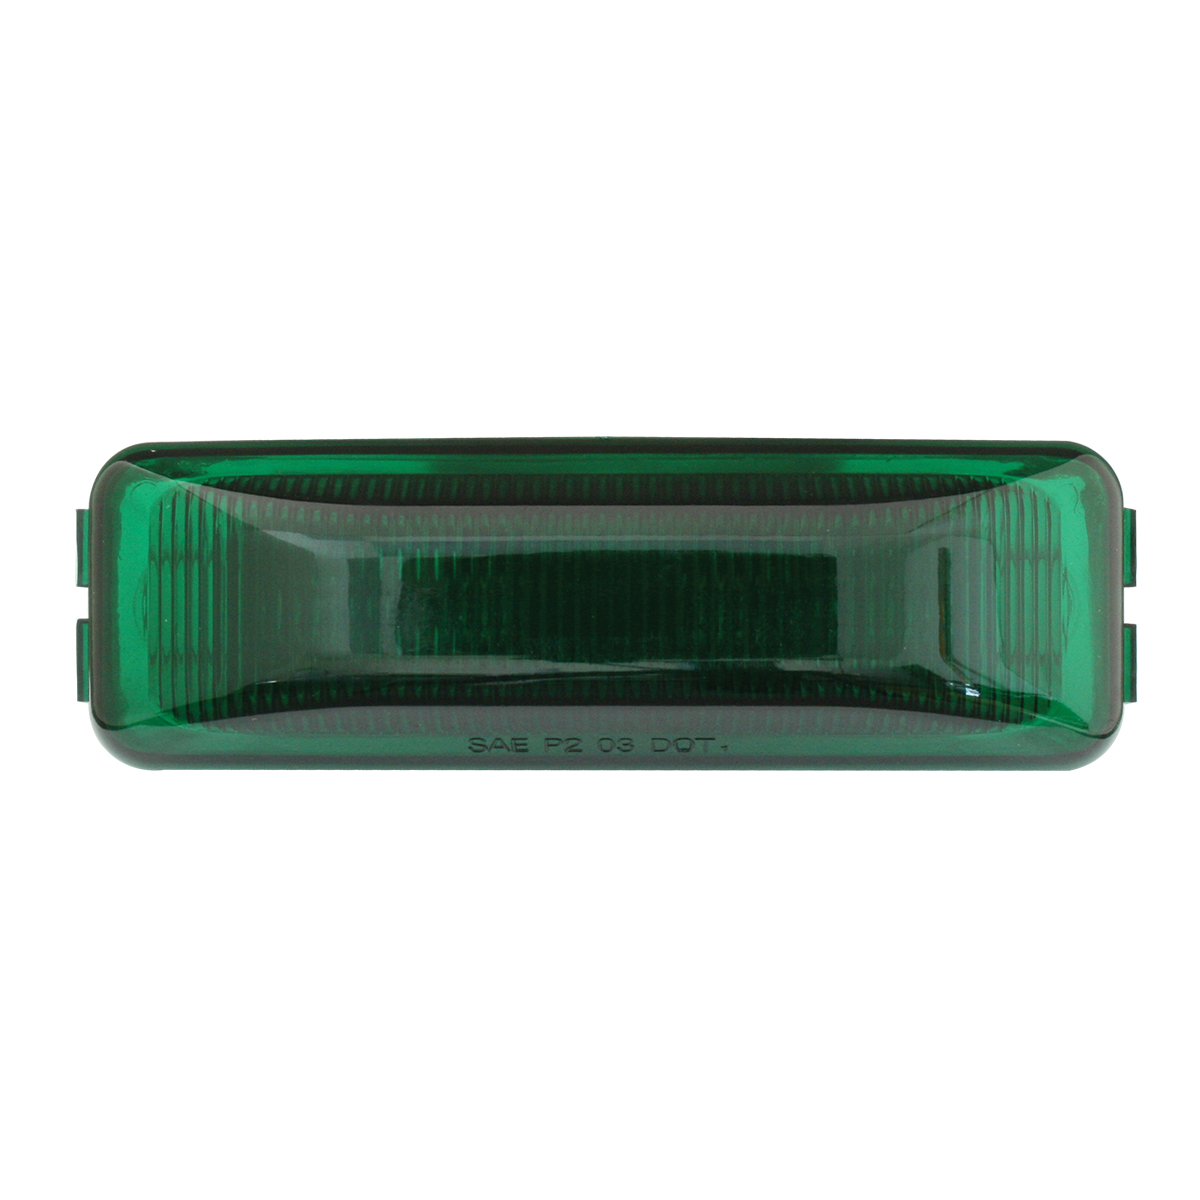 84444 Medium Rectangular LED Marker Light in Green/Green